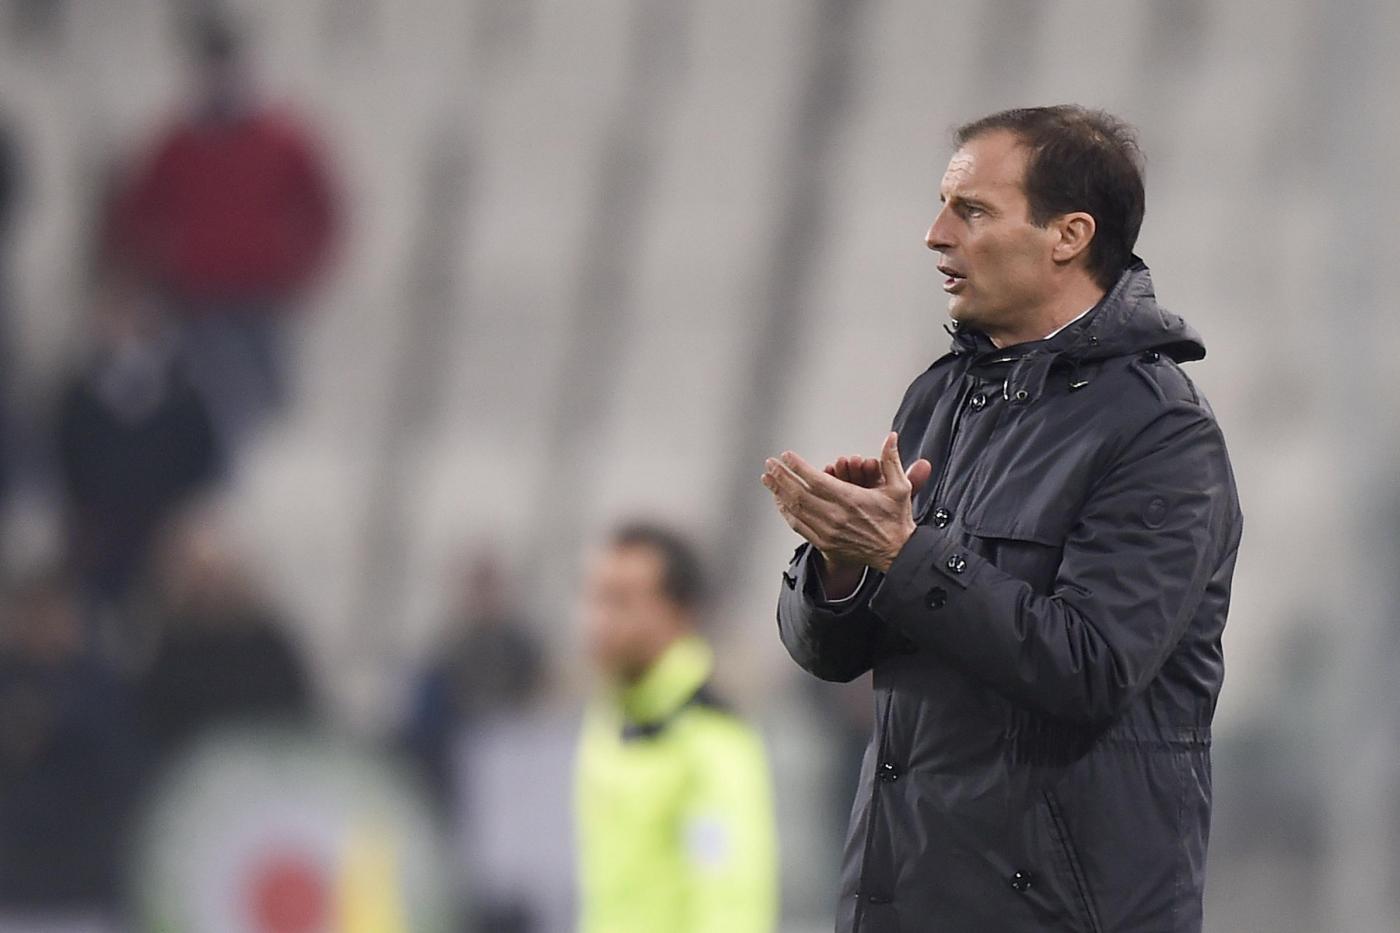 Calciomercato Juventus, il Chelsea fa paura: accelerata per il rinnovo di Allegri